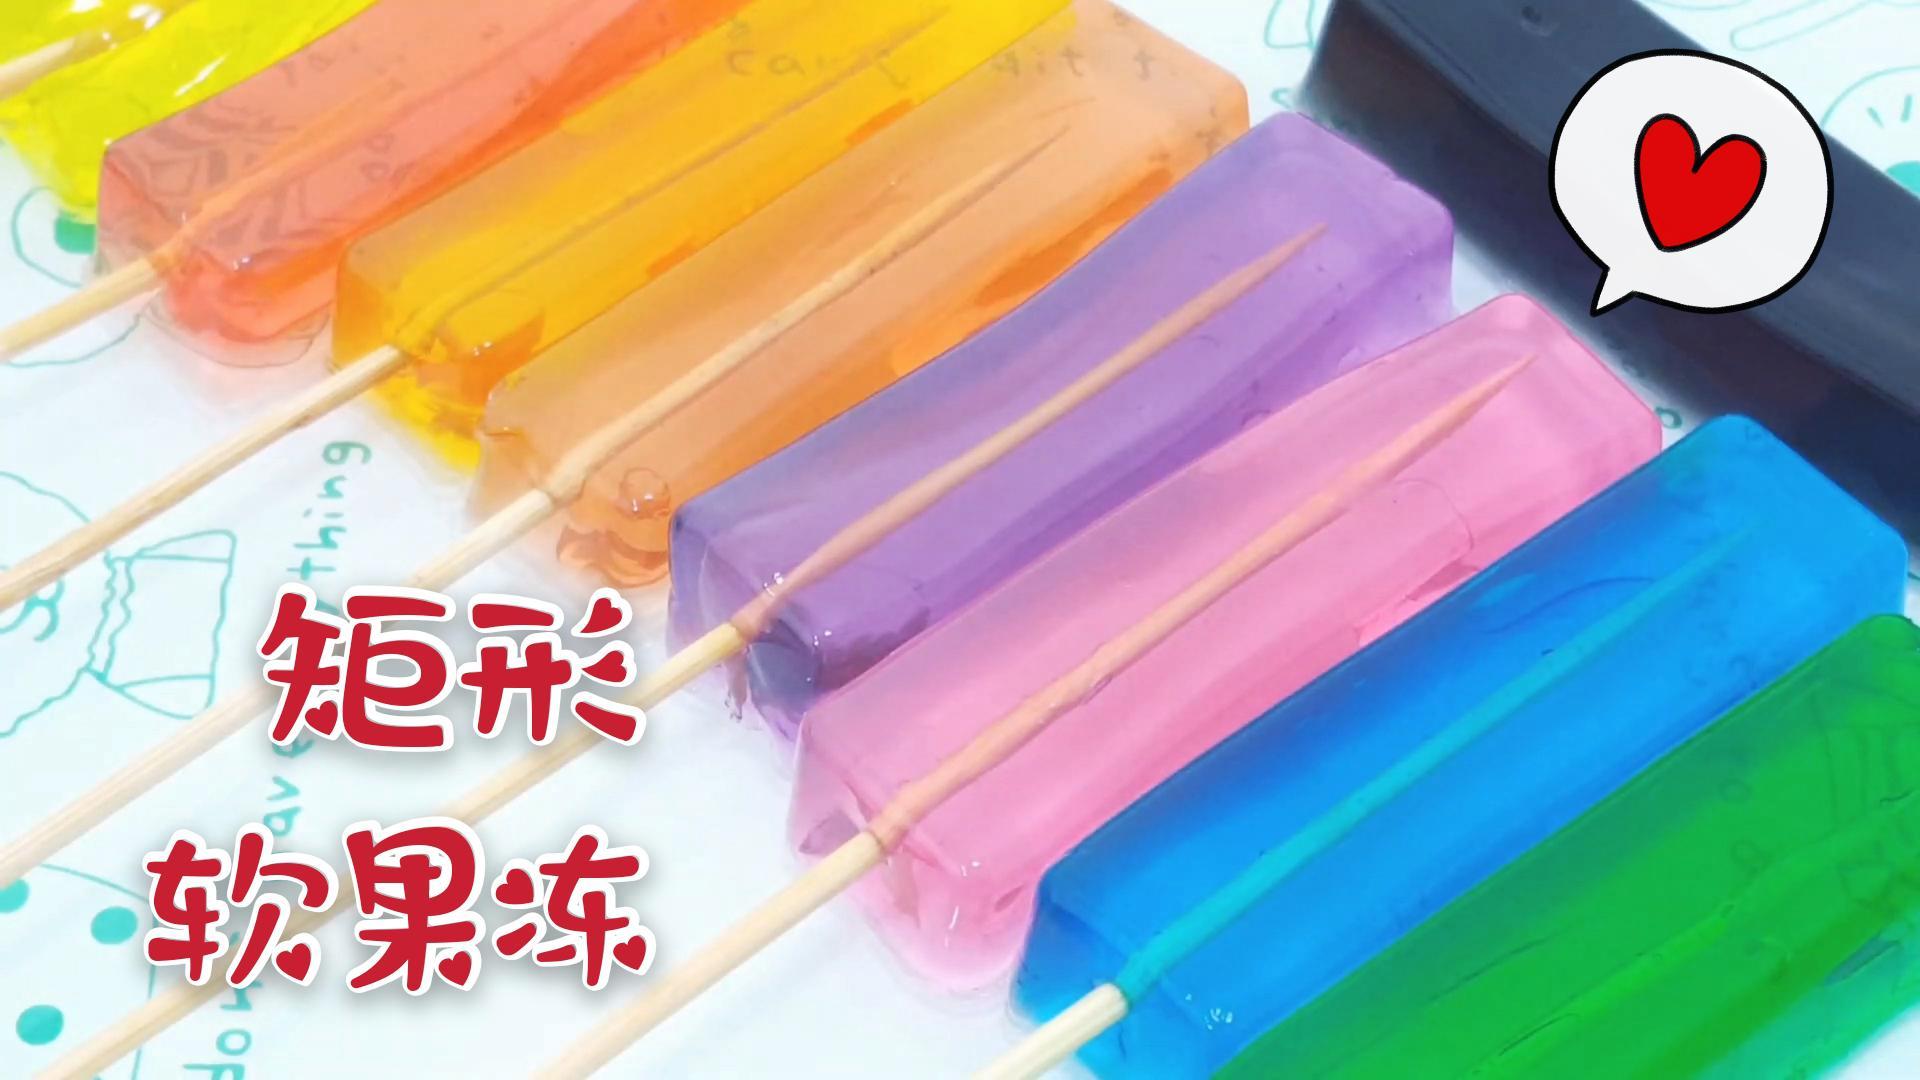 想吃水晶QQ果冻不用买,教你在家就能做!拽很长都不会断超神奇